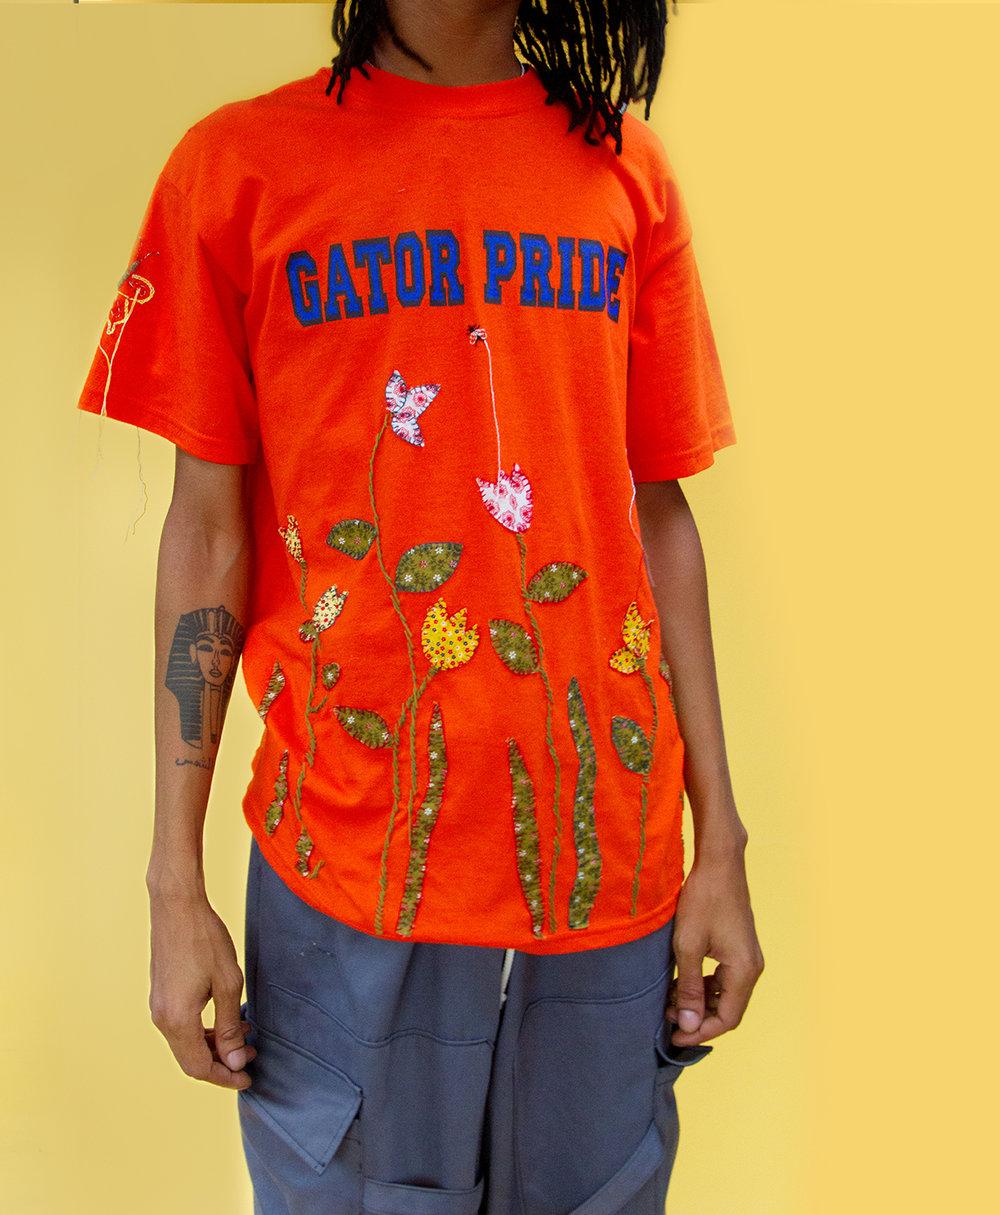 Gator Shirt 4 web.jpg